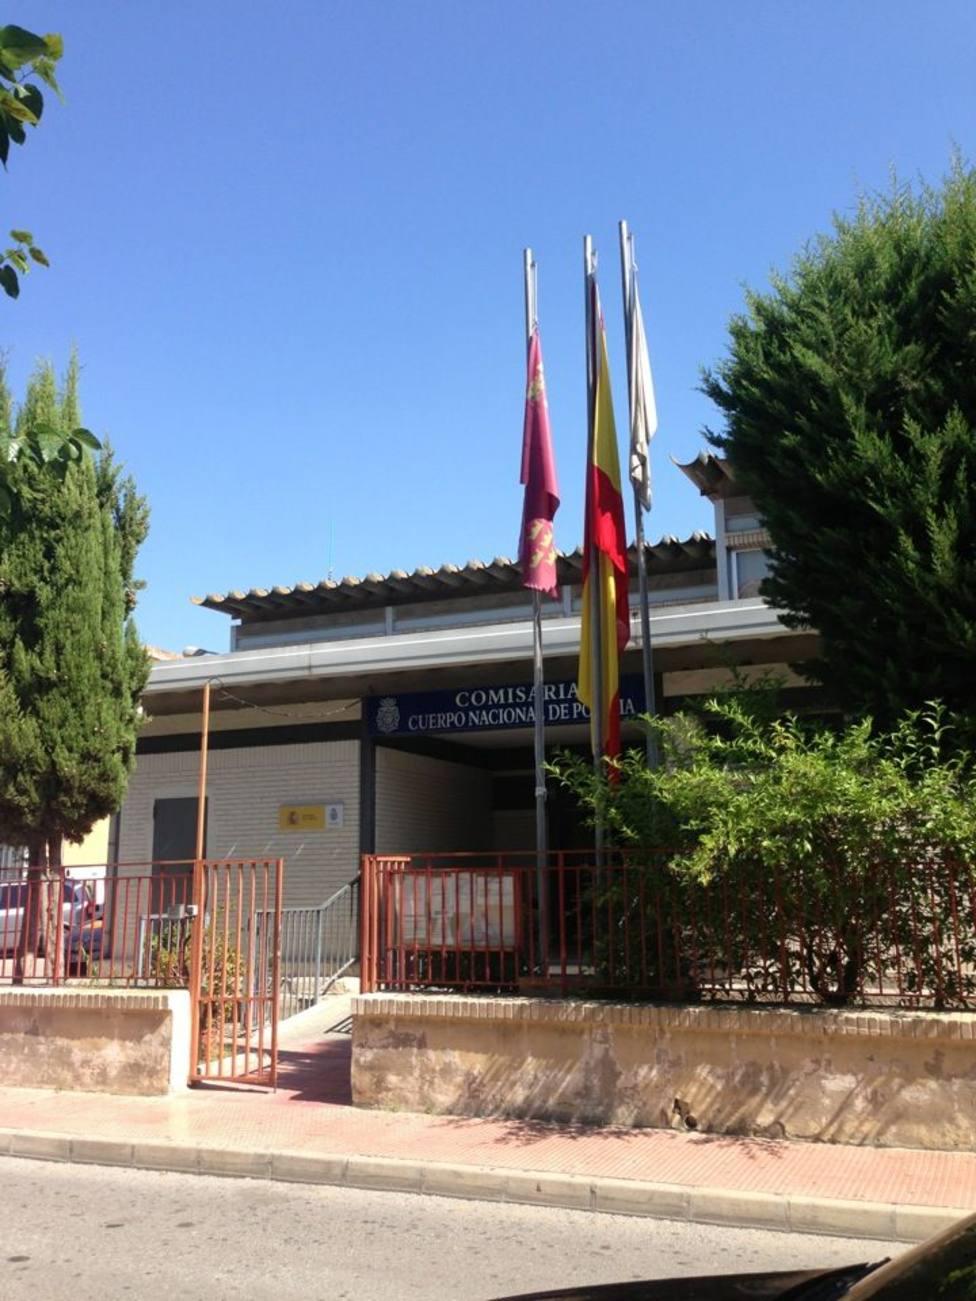 Detenidos tres menores por robar presuntamente en un colegio de Molina durante las vacaciones